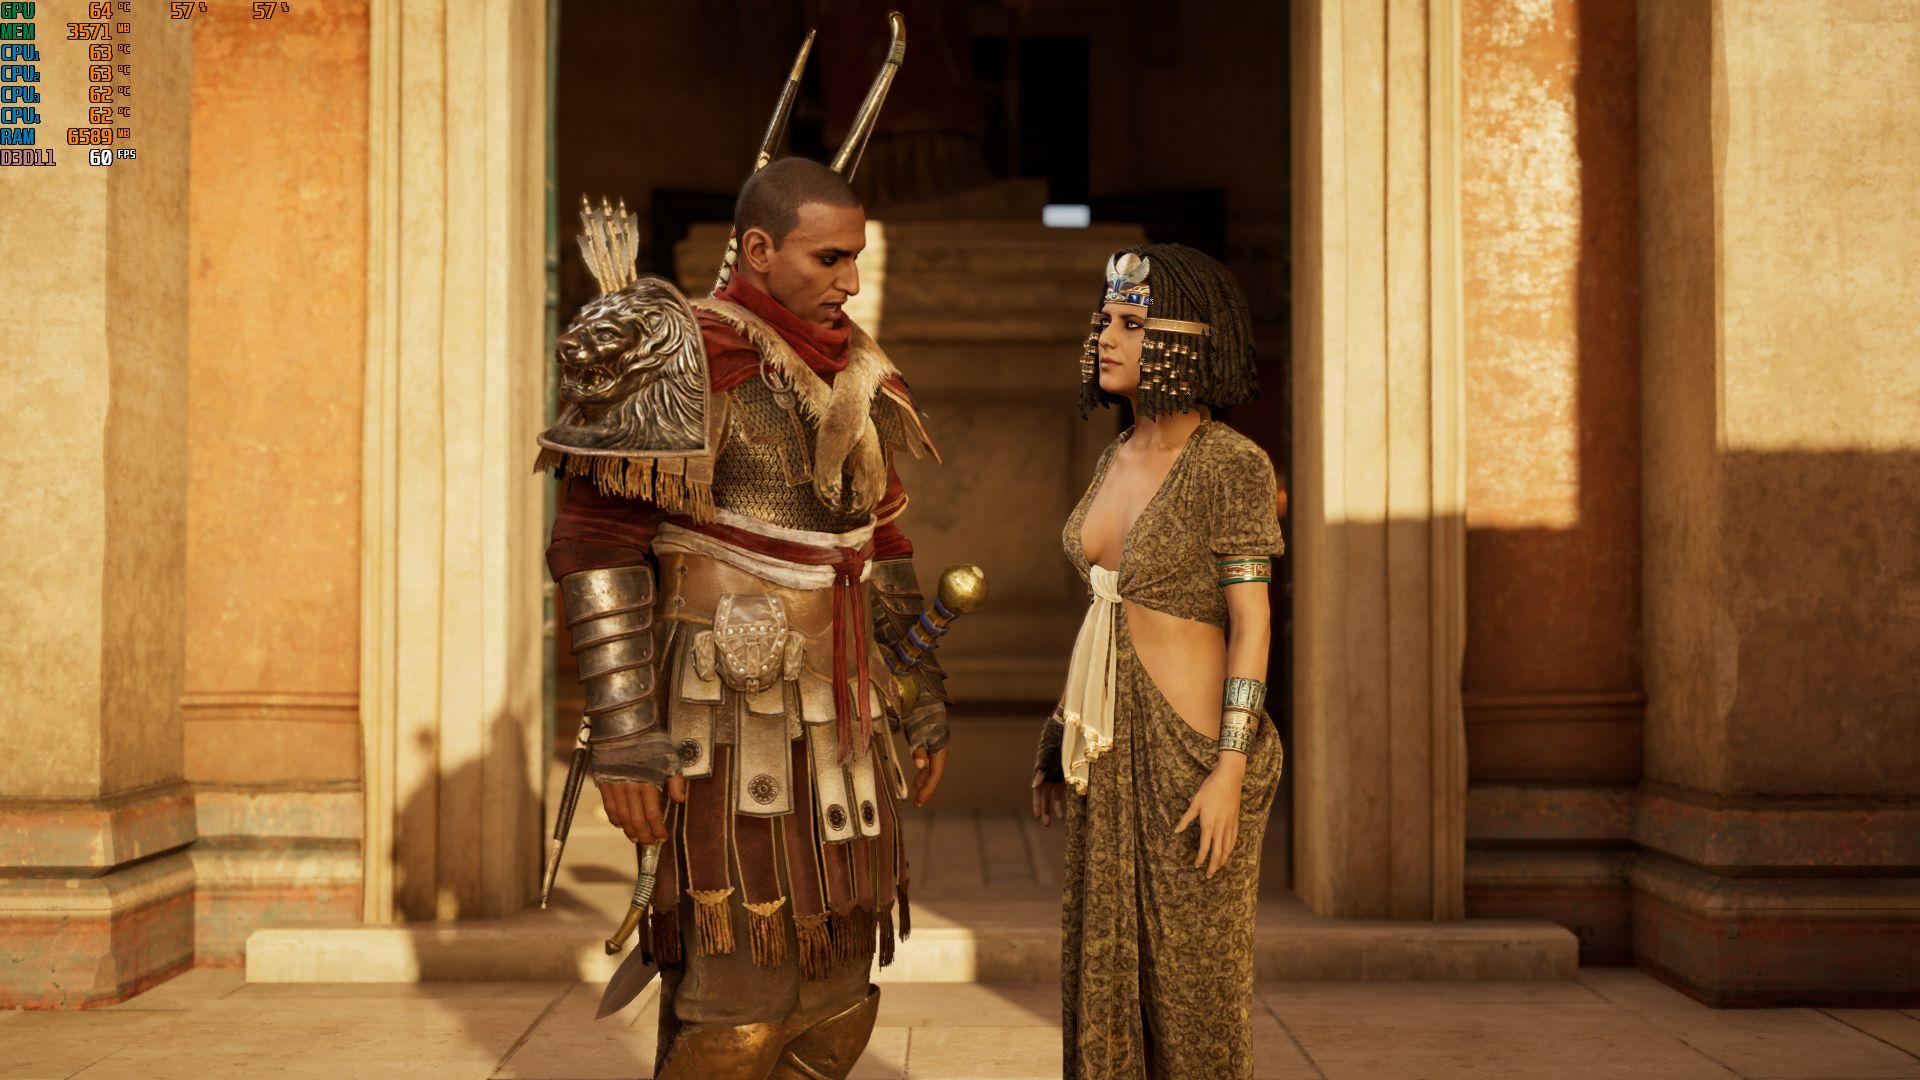 00090.Jpg - Assassin's Creed: Origins